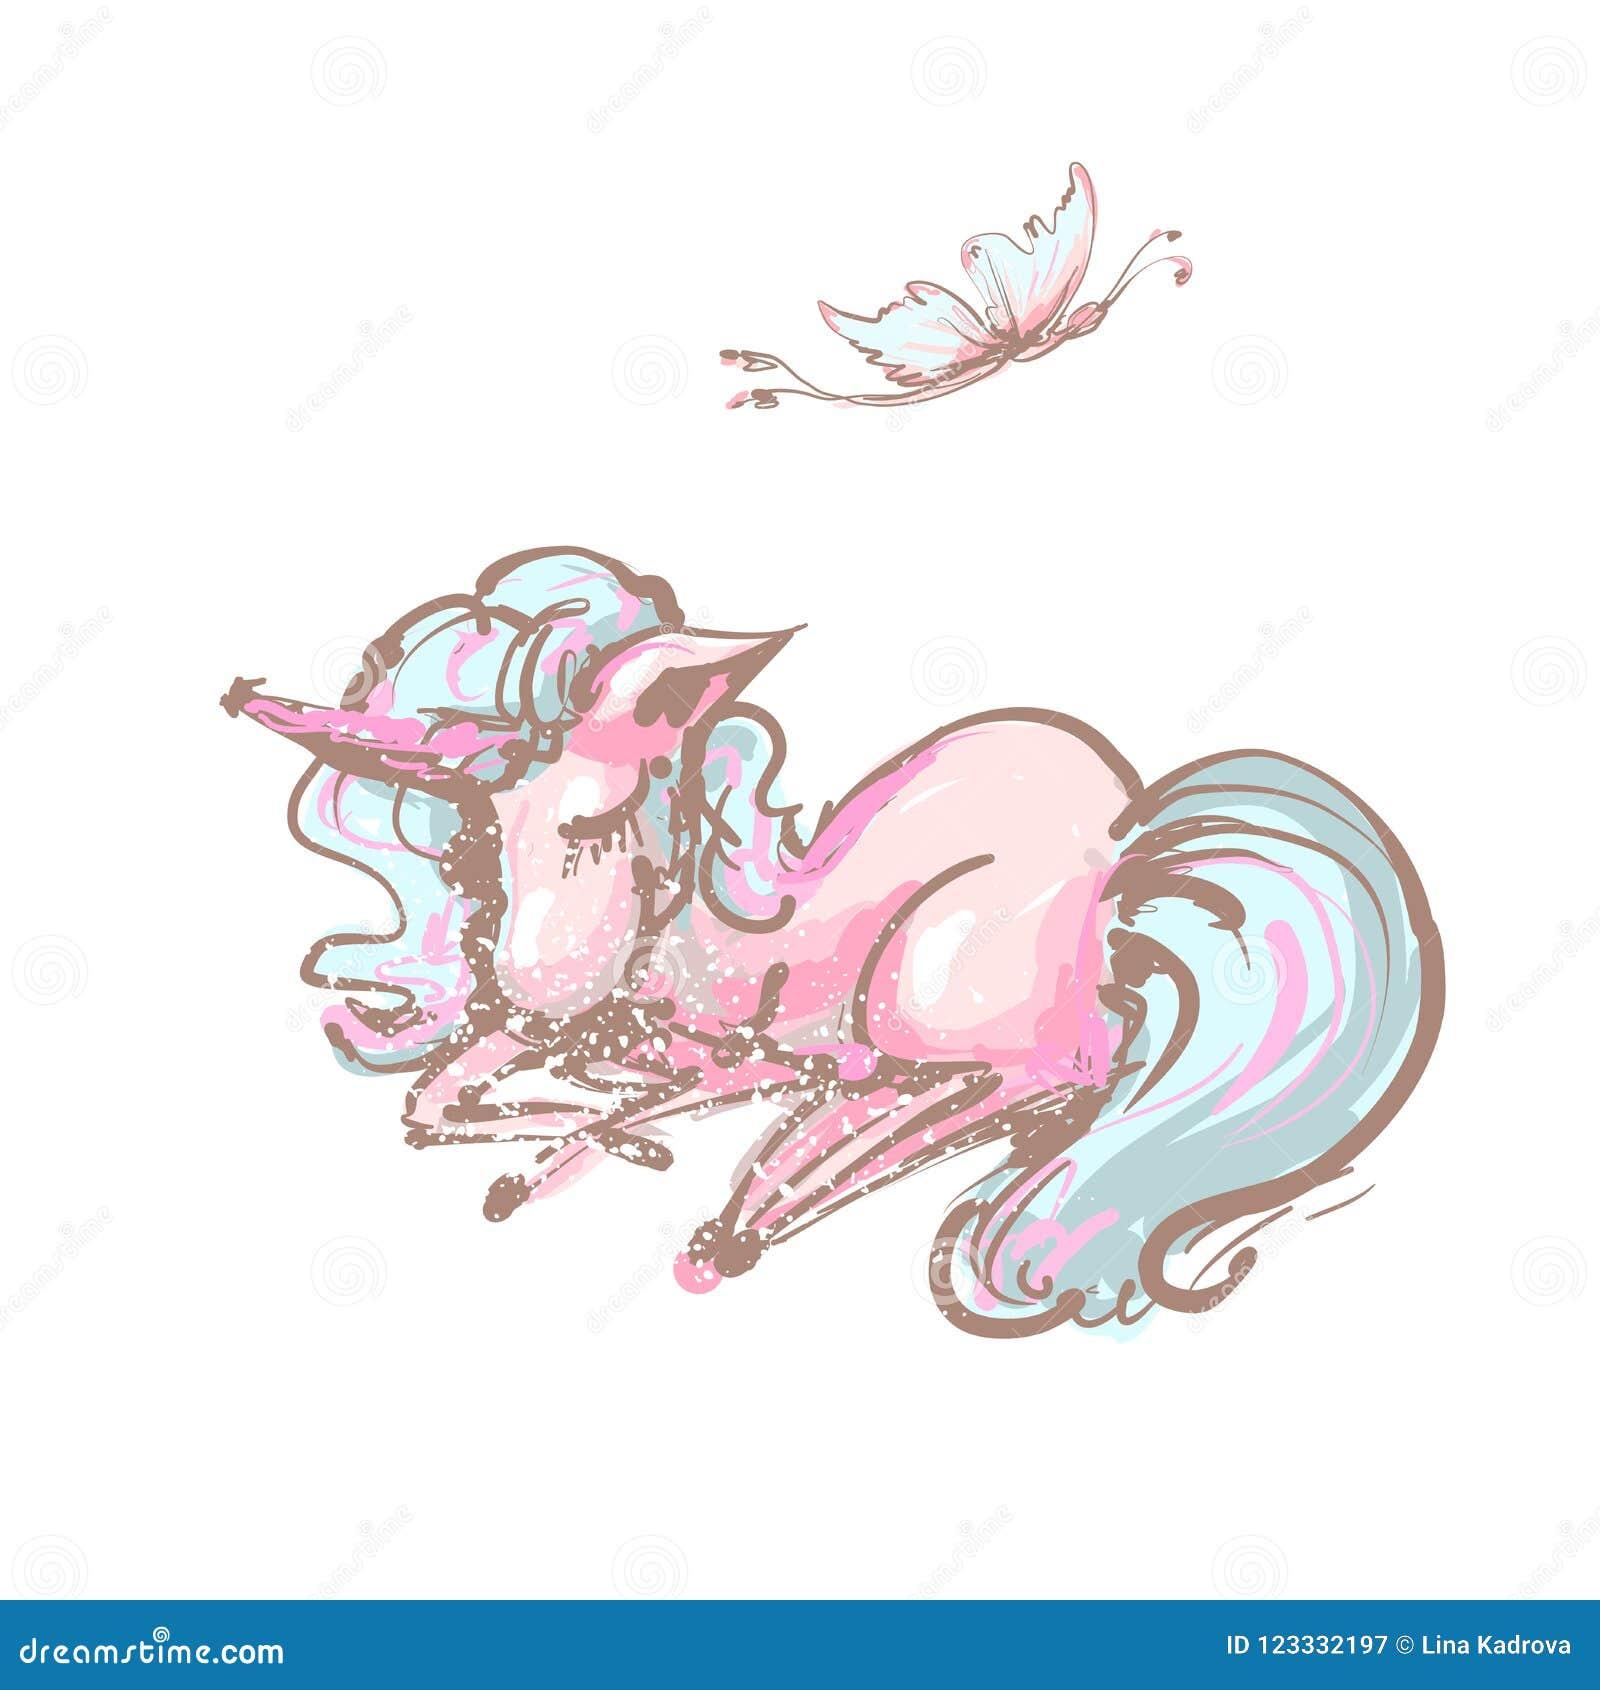 Śliczna jednorożec i motyli słodkich sen druk Sen jednorożec odosobniona wektorowa ikona Fantazja koński majcher, łaty odznaka